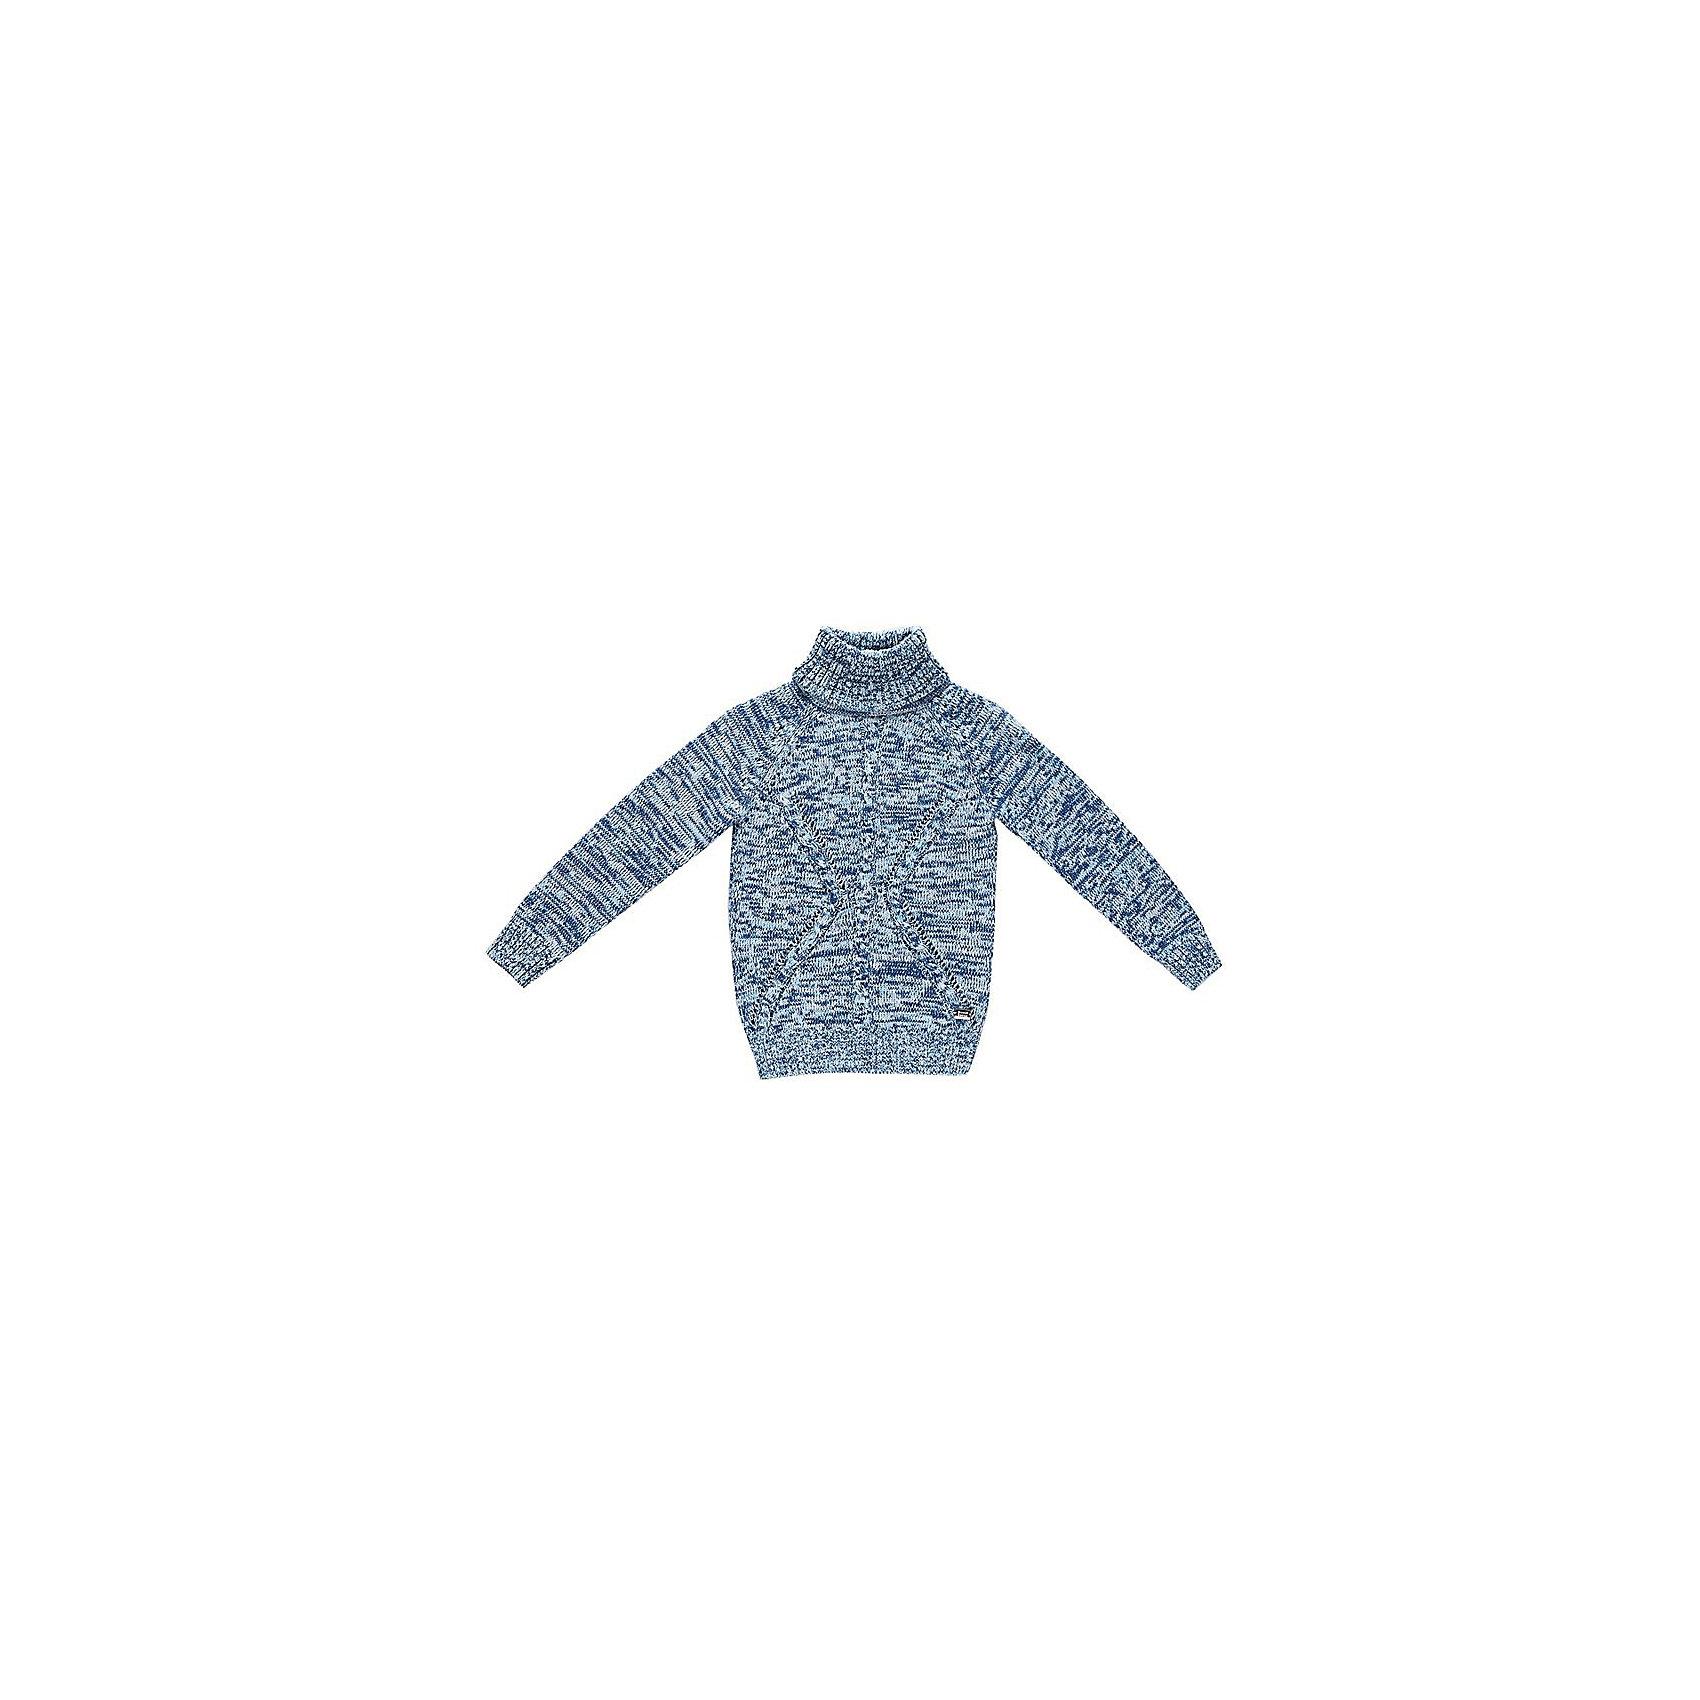 Свитер для мальчика Sweet BerryСвитера и кардиганы<br>Эта модель свитера для мальчика отличается модным дизайном с оригинальным узором. Удачный крой обеспечит ребенку комфорт и тепло. Края изделия обработаны мягкой резинкой , горло - высокое, поэтому вещь плотно прилегает к телу там, где нужно, и отлично сидит по фигуре. Натуральный хлопок в составе пряжи обеспечит коже возможность дышать и не вызовет аллергии.<br>Одежда от бренда Sweet Berry - это простой и выгодный способ одеть ребенка удобно и стильно. Всё изделия тщательно проработаны: швы - прочные, материал - качественный, фурнитура - подобранная специально для детей. <br><br>Дополнительная информация:<br><br>цвет: голубой;<br>материал: 60% хлопок, 40% акрил;<br>высокое горло;<br>декорирован узором косы.<br><br>Свитер для мальчика от бренда Sweet Berry можно купить в нашем интернет-магазине.<br><br>Ширина мм: 190<br>Глубина мм: 74<br>Высота мм: 229<br>Вес г: 236<br>Цвет: голубой<br>Возраст от месяцев: 48<br>Возраст до месяцев: 60<br>Пол: Мужской<br>Возраст: Детский<br>Размер: 110,98,104,116,122,128<br>SKU: 4930466